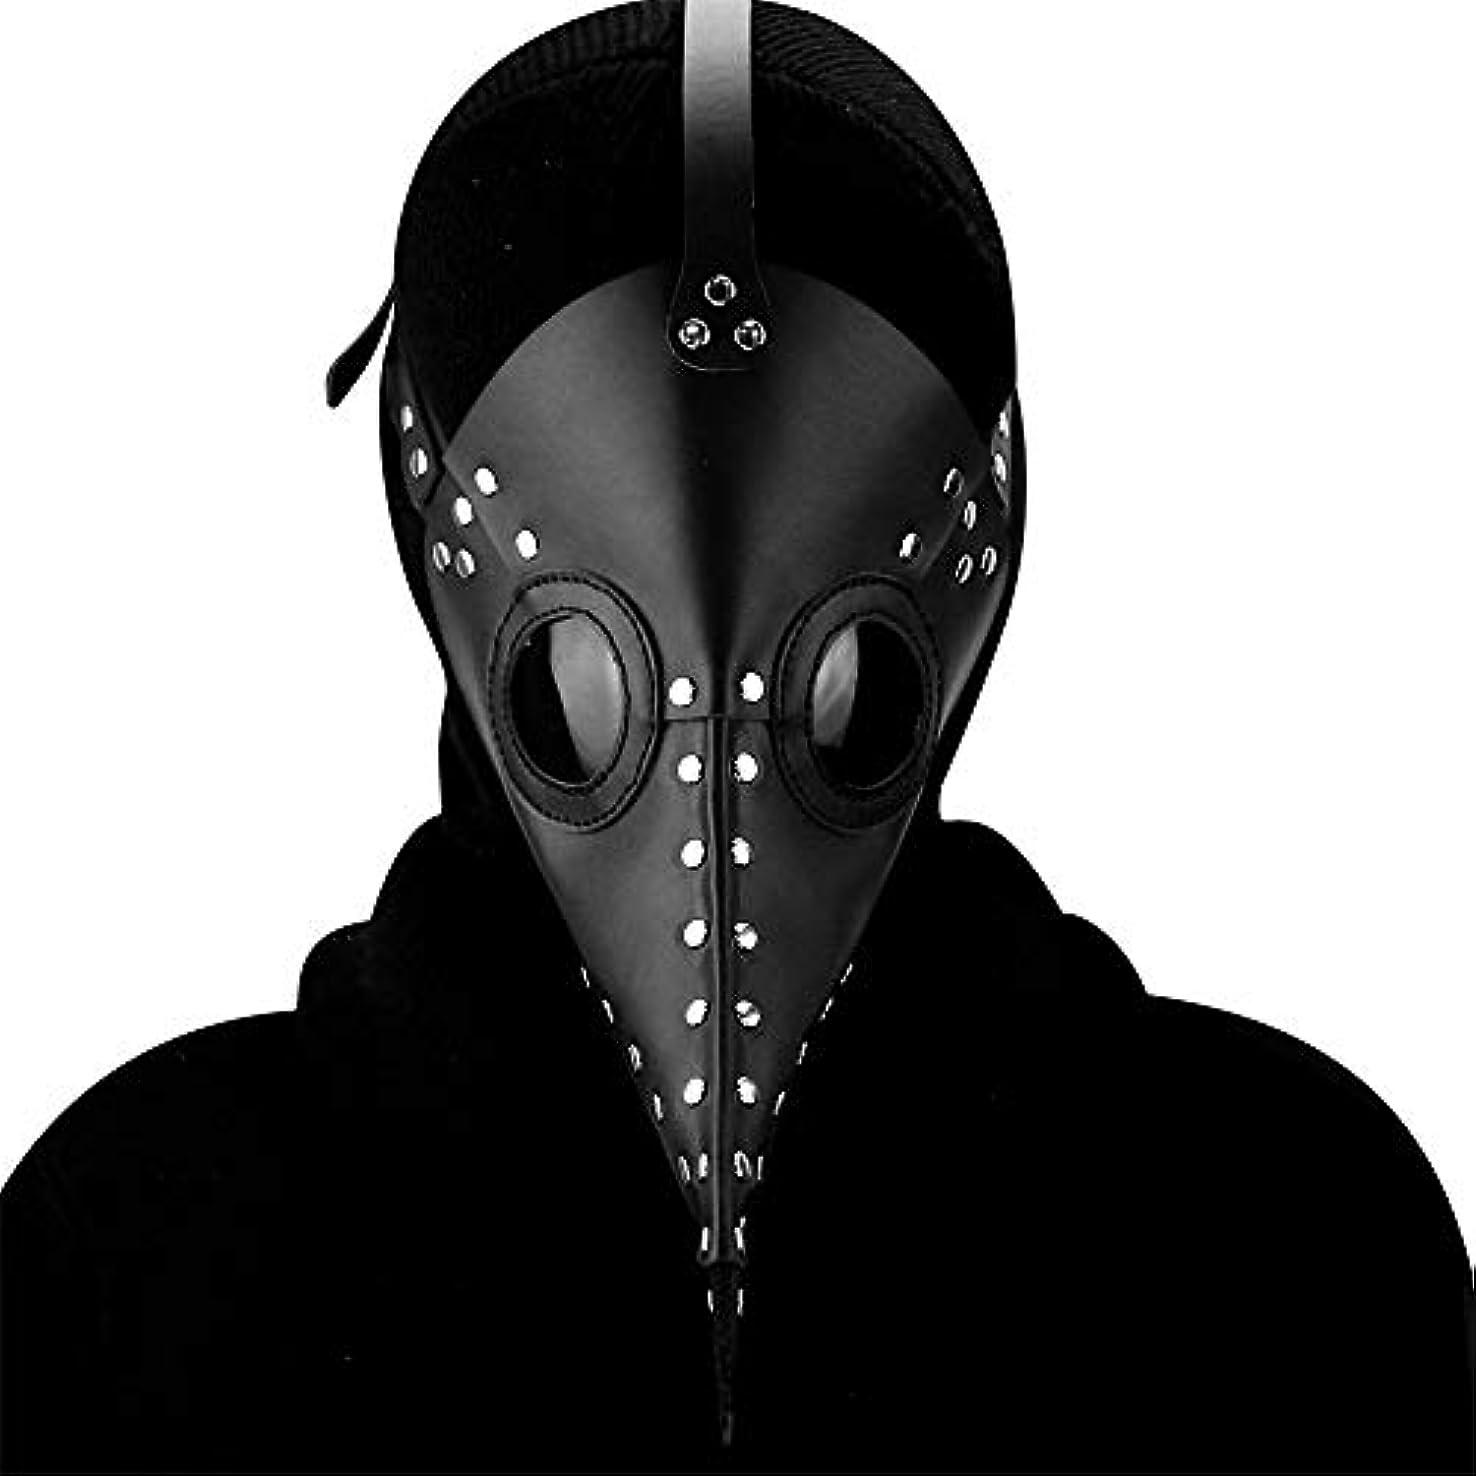 カウンターパート高いマーキングハロウィーンペストビークマスクパーティーの小道具仮装